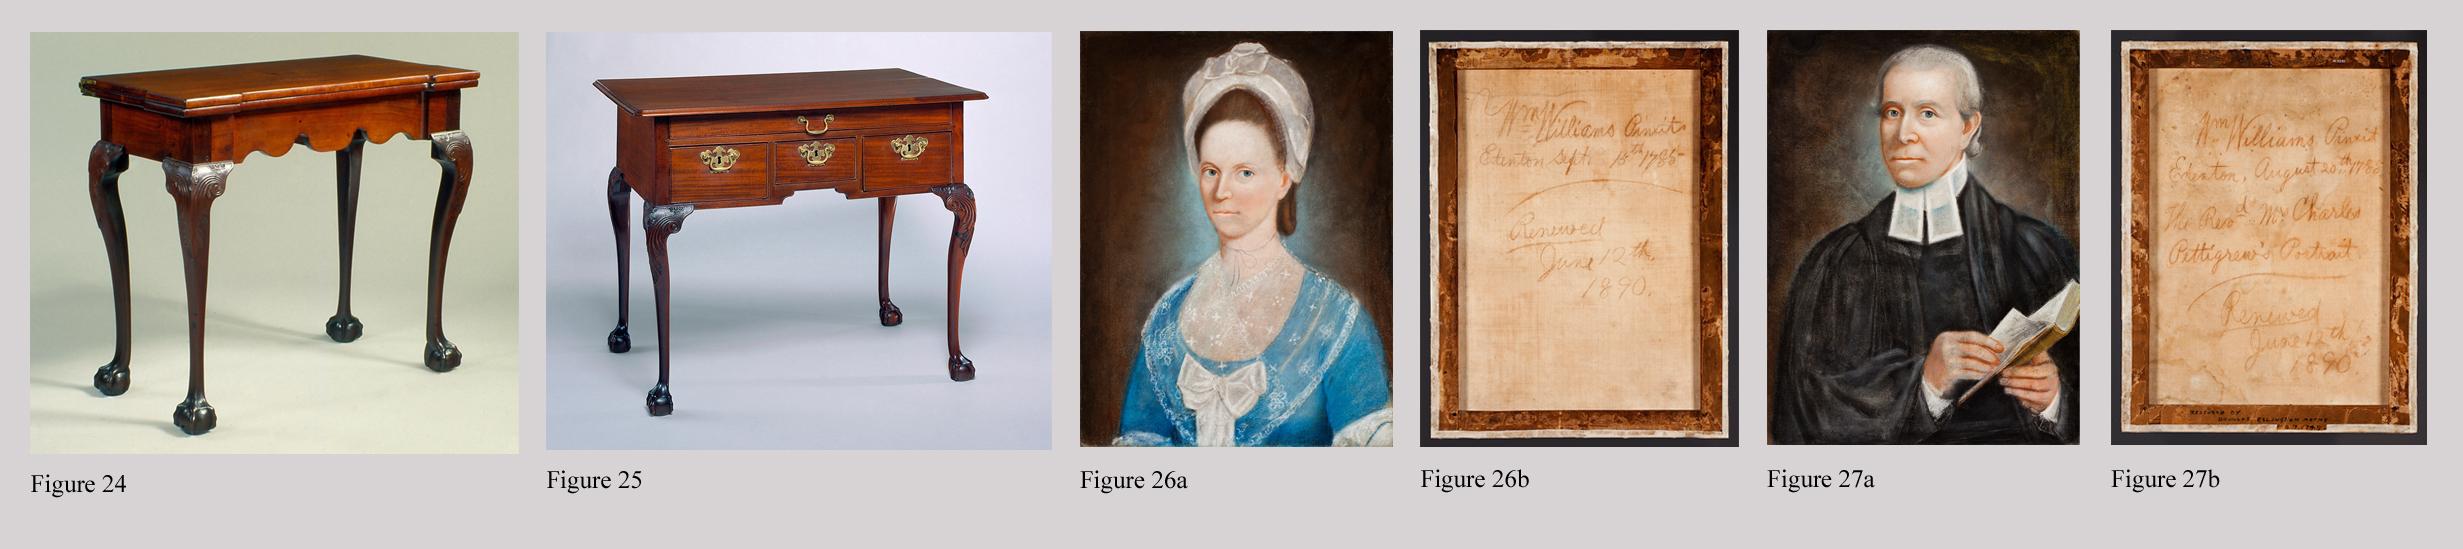 figures 24 - 27